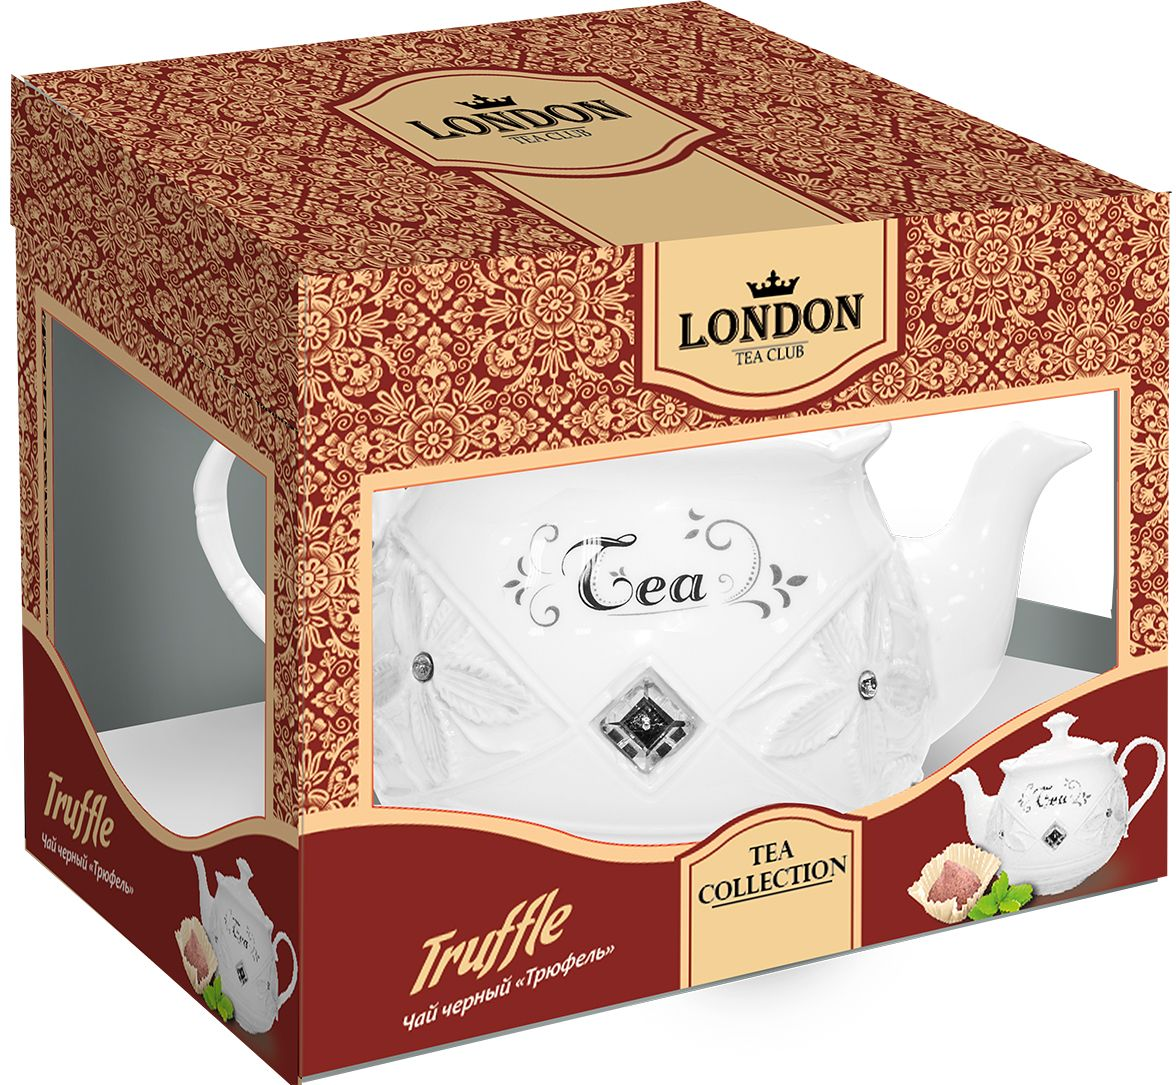 London Tea Club Трюфель чай черный в заварнике, 100 г4607051542488Чай Трюфель с бархатным вкусом черного чая с нежным ароматом какао и шоколадно-сливочной помадки. Яркое сочетание чая с лепестками сафлора подарит вам и вашим близким гармонию и солнечное настроение на весь день.Всё о чае: сорта, факты, советы по выбору и употреблению. Статья OZON Гид